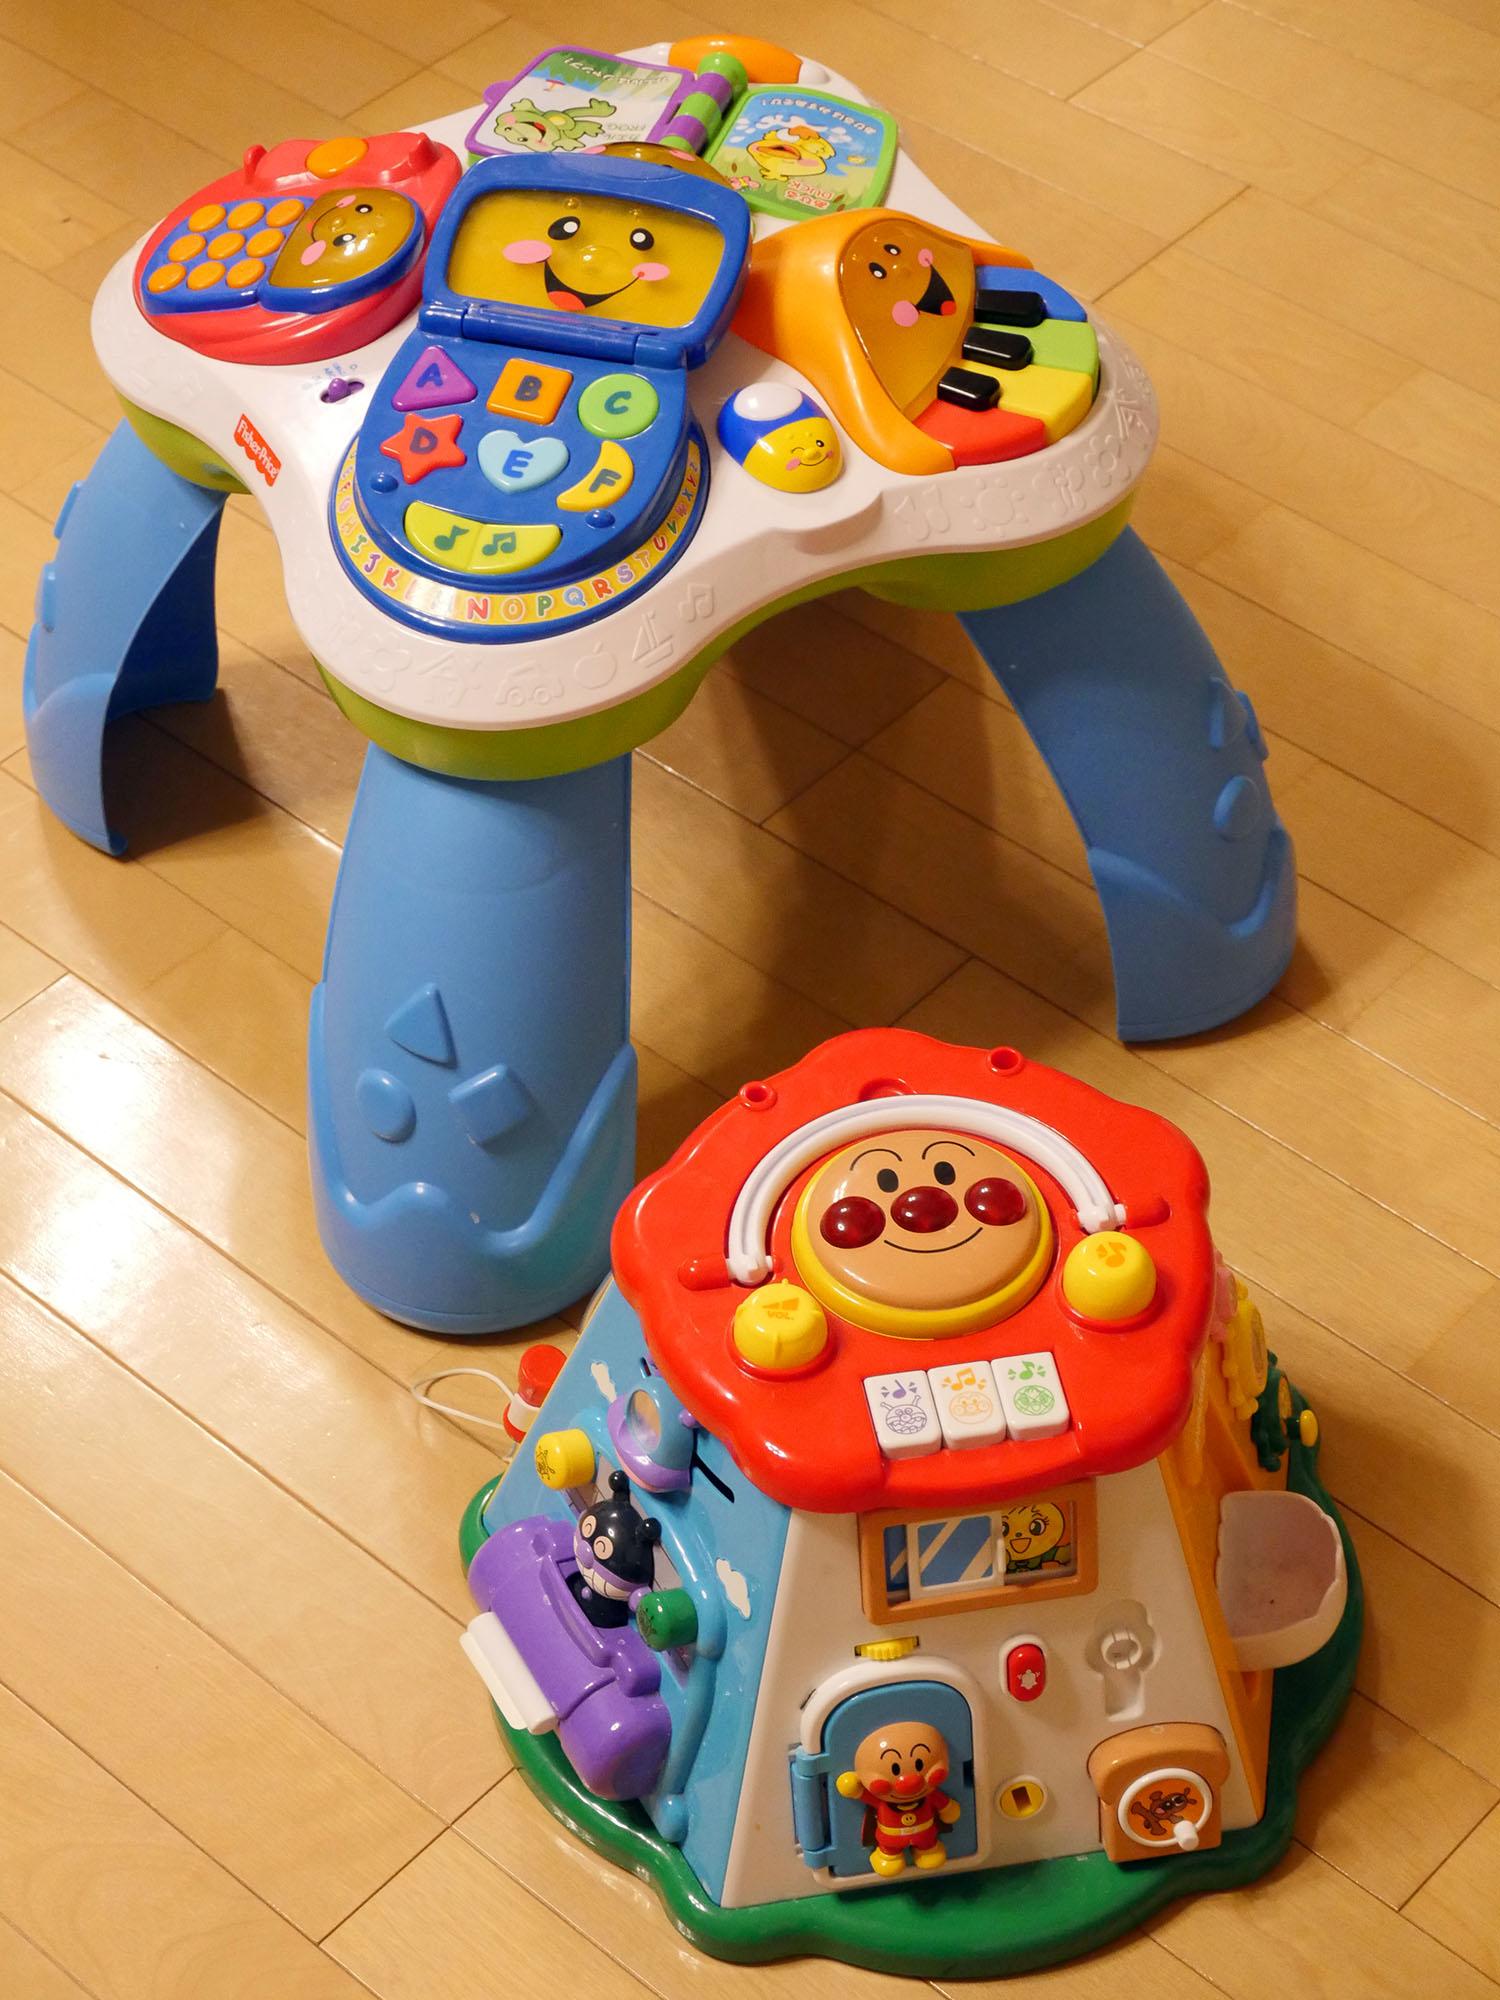 つかまり立ちやお座り時期の0歳赤ちゃんにおすすめなおもちゃ。